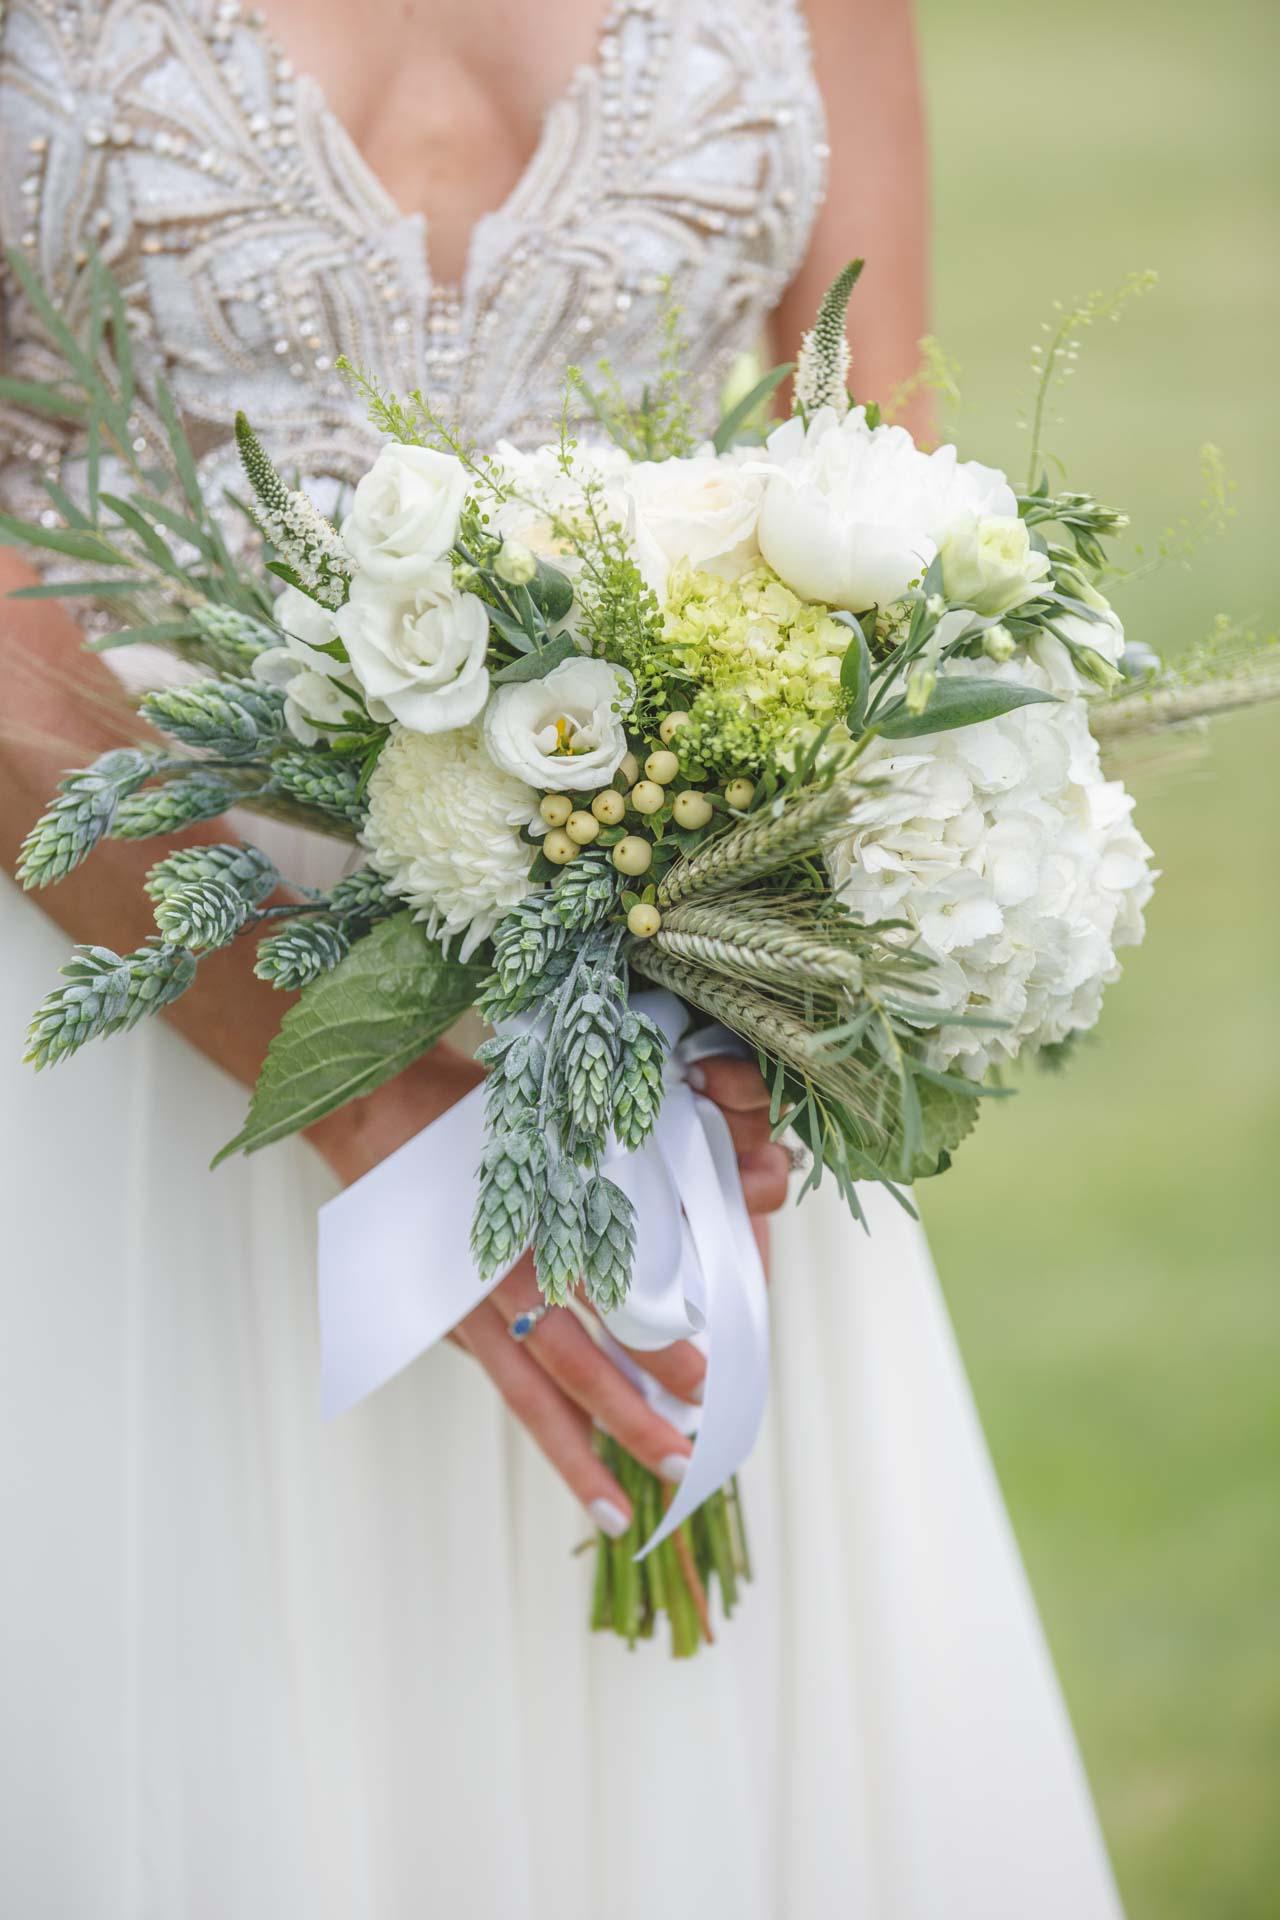 Farmington-Gardens-Wedding-Photos (20 of 66).jpg